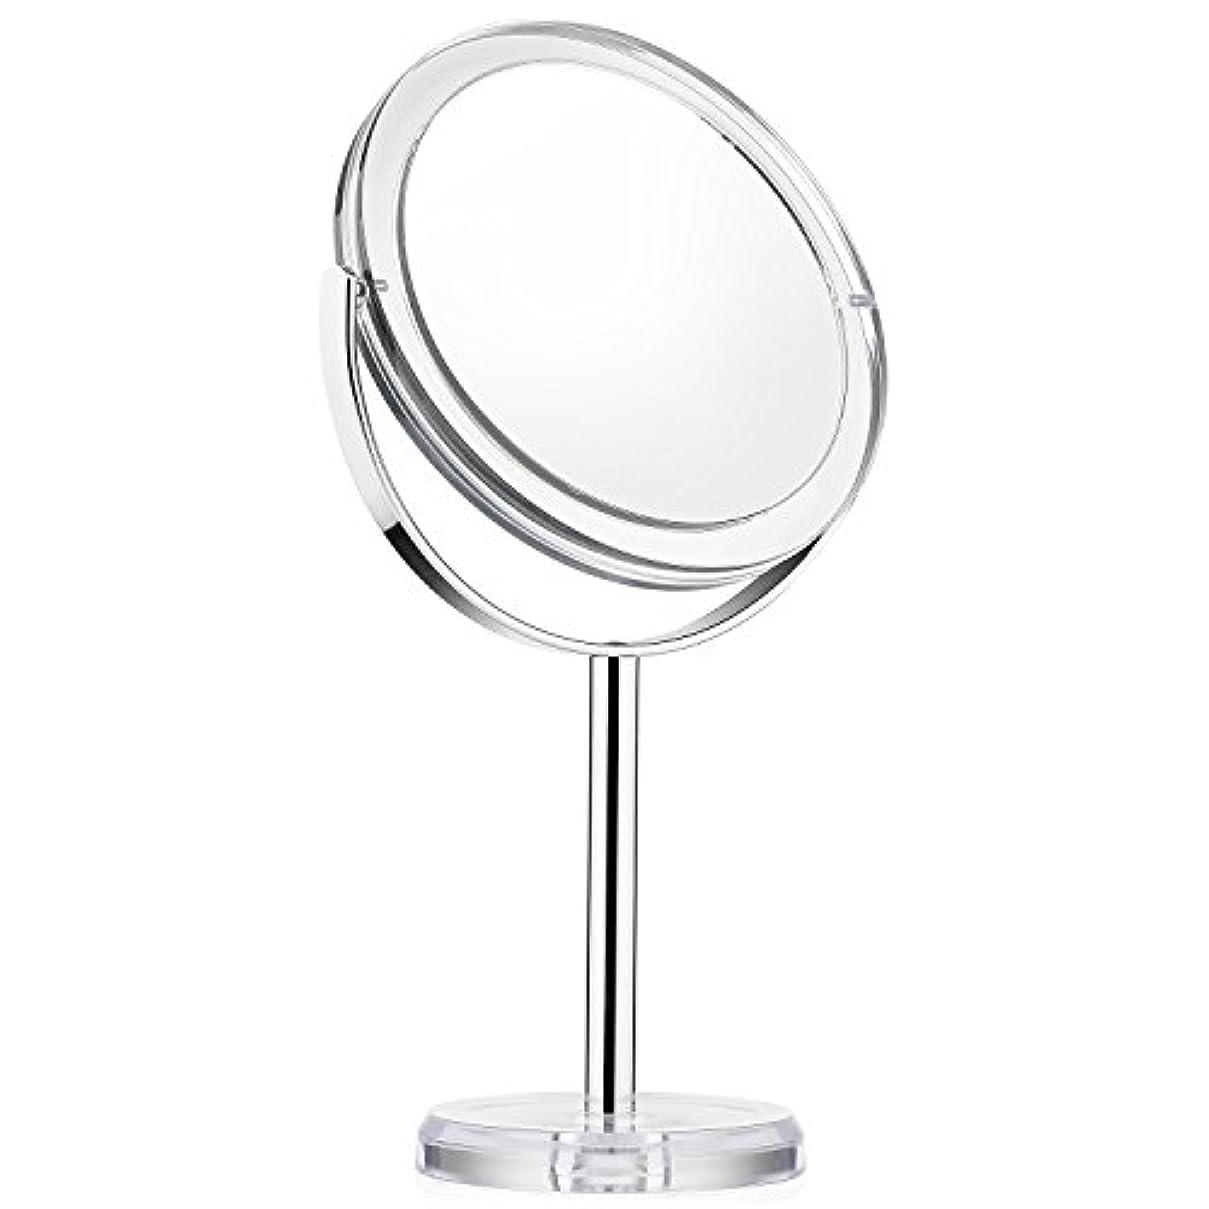 タイヤ背景百科事典化粧ミラー Beautifive 鏡 卓上 化粧鏡 メイクミラー 卓上ミラー スタンドミラー卓上 等倍卓上両面鏡 卓上鏡 7倍拡大スタンドミラー 360°回転可 光学レズン高解像度